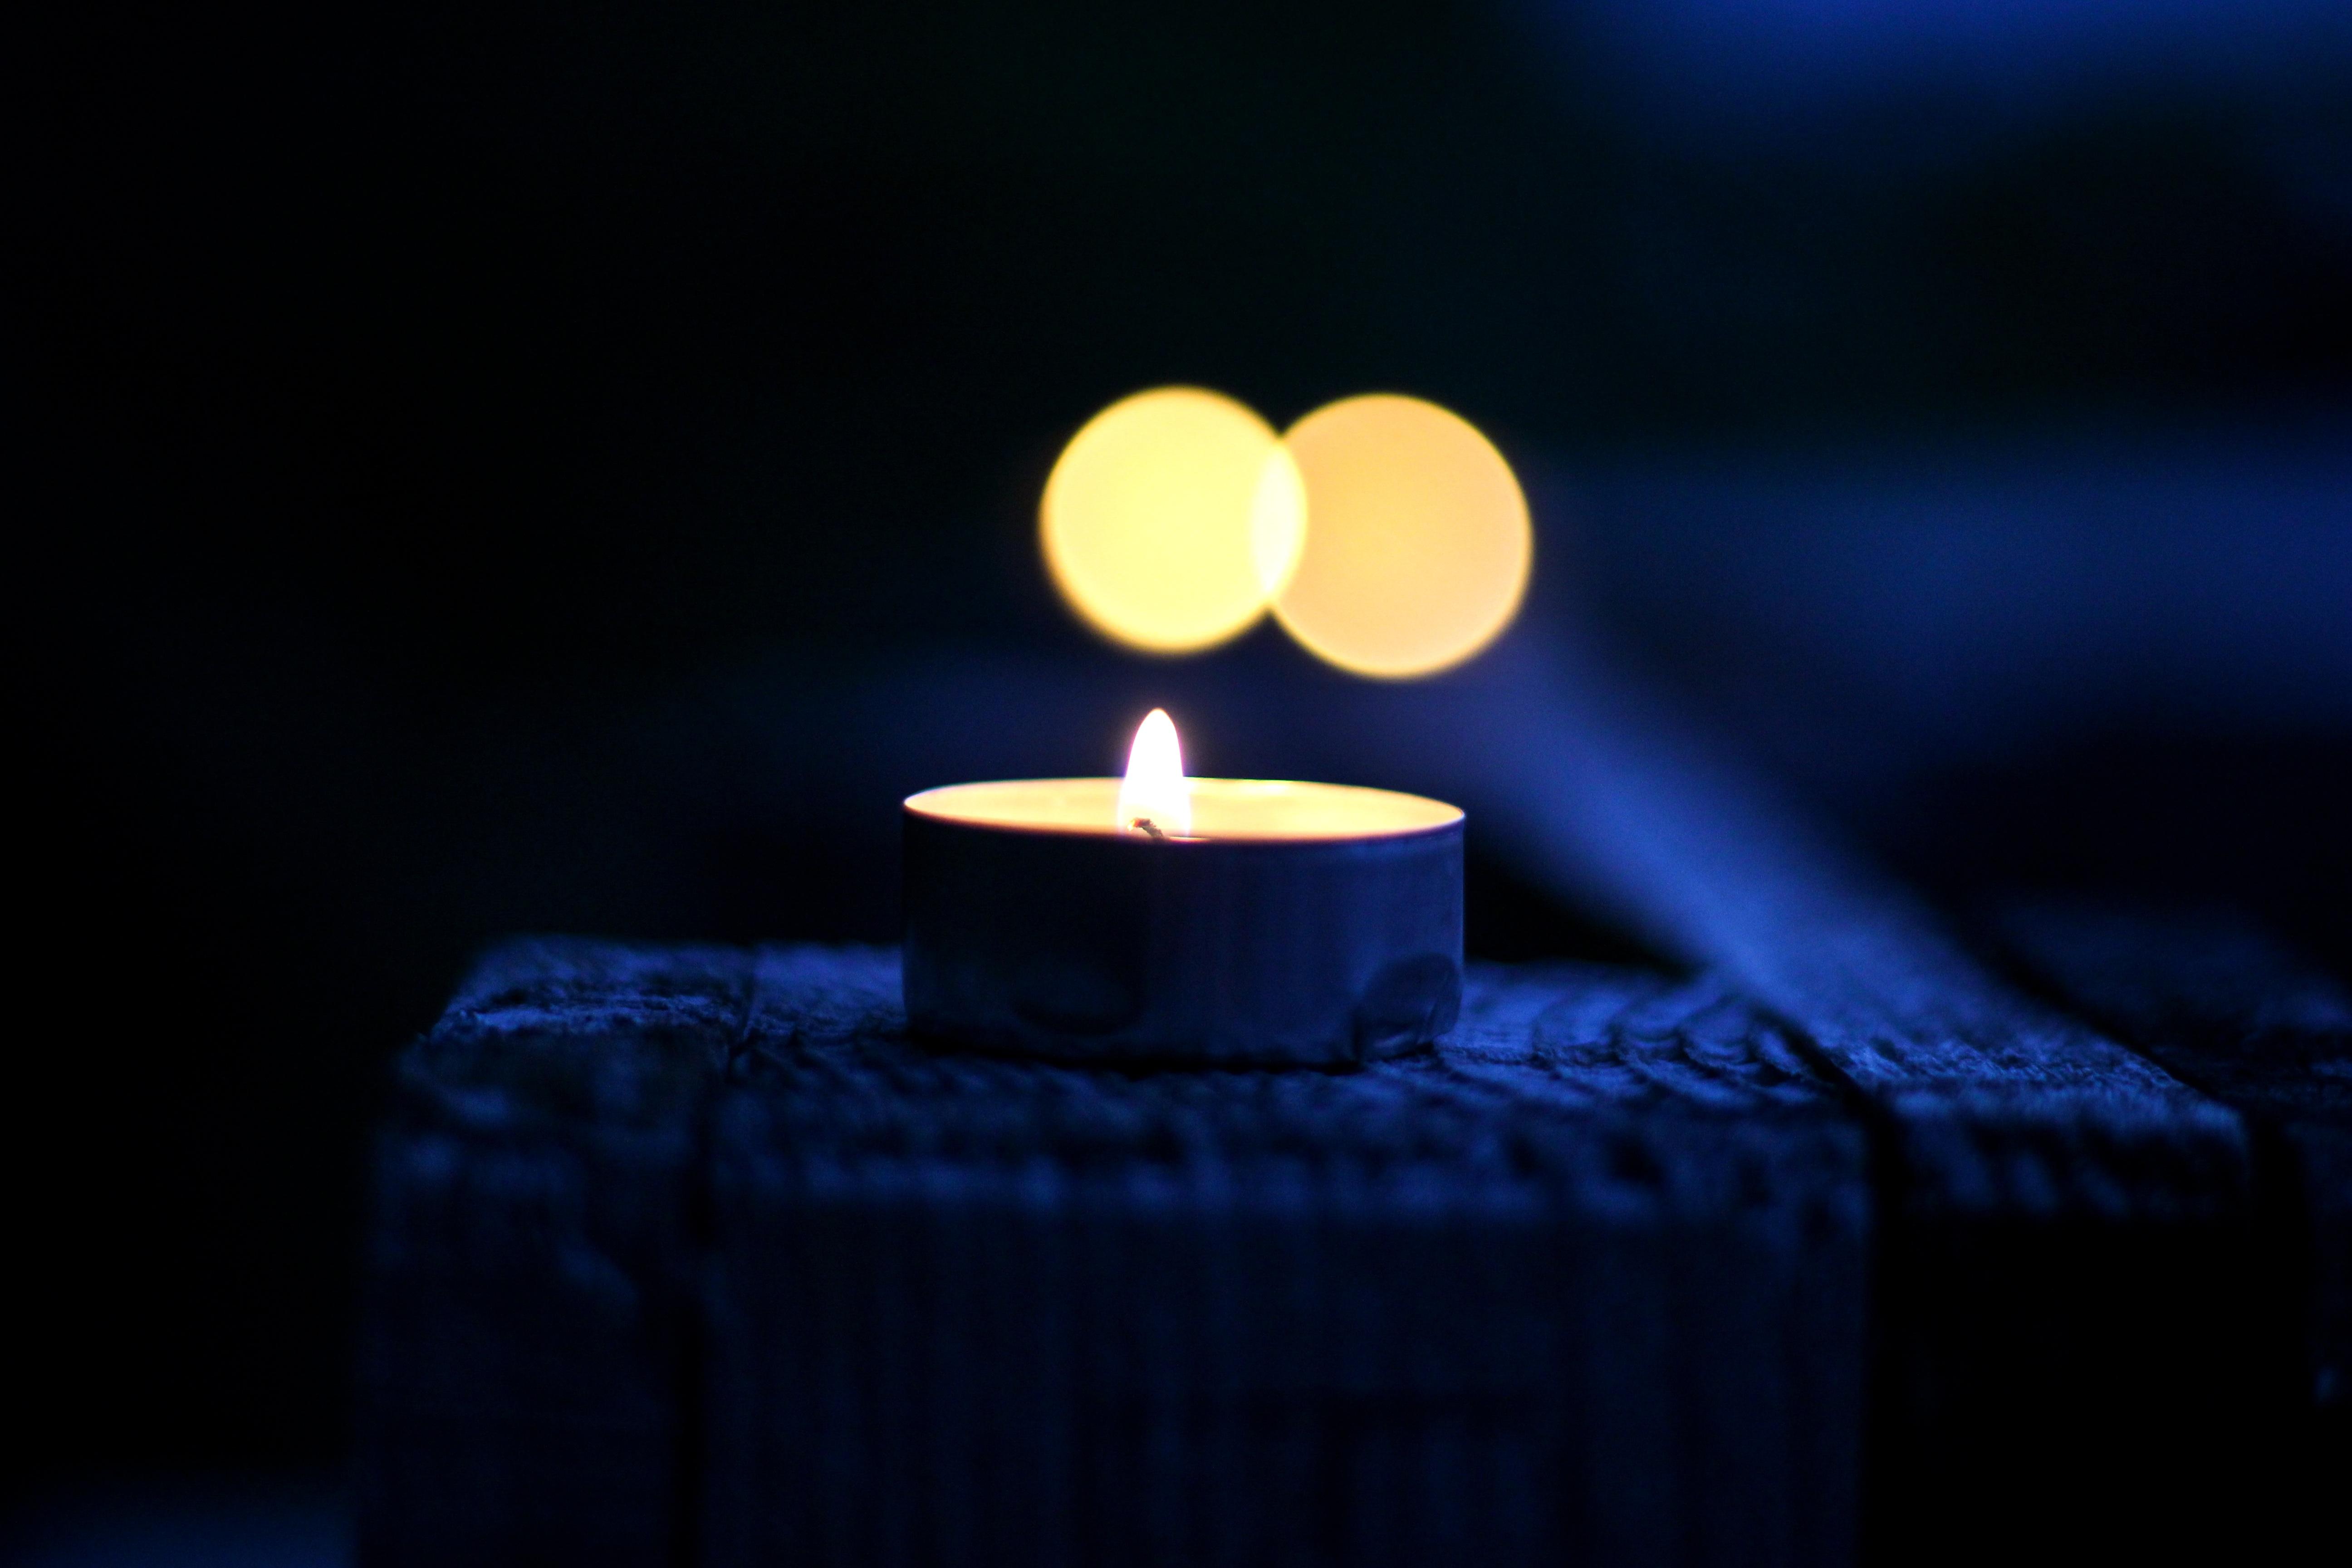 словам картинка свеча горящая ночью список агентств